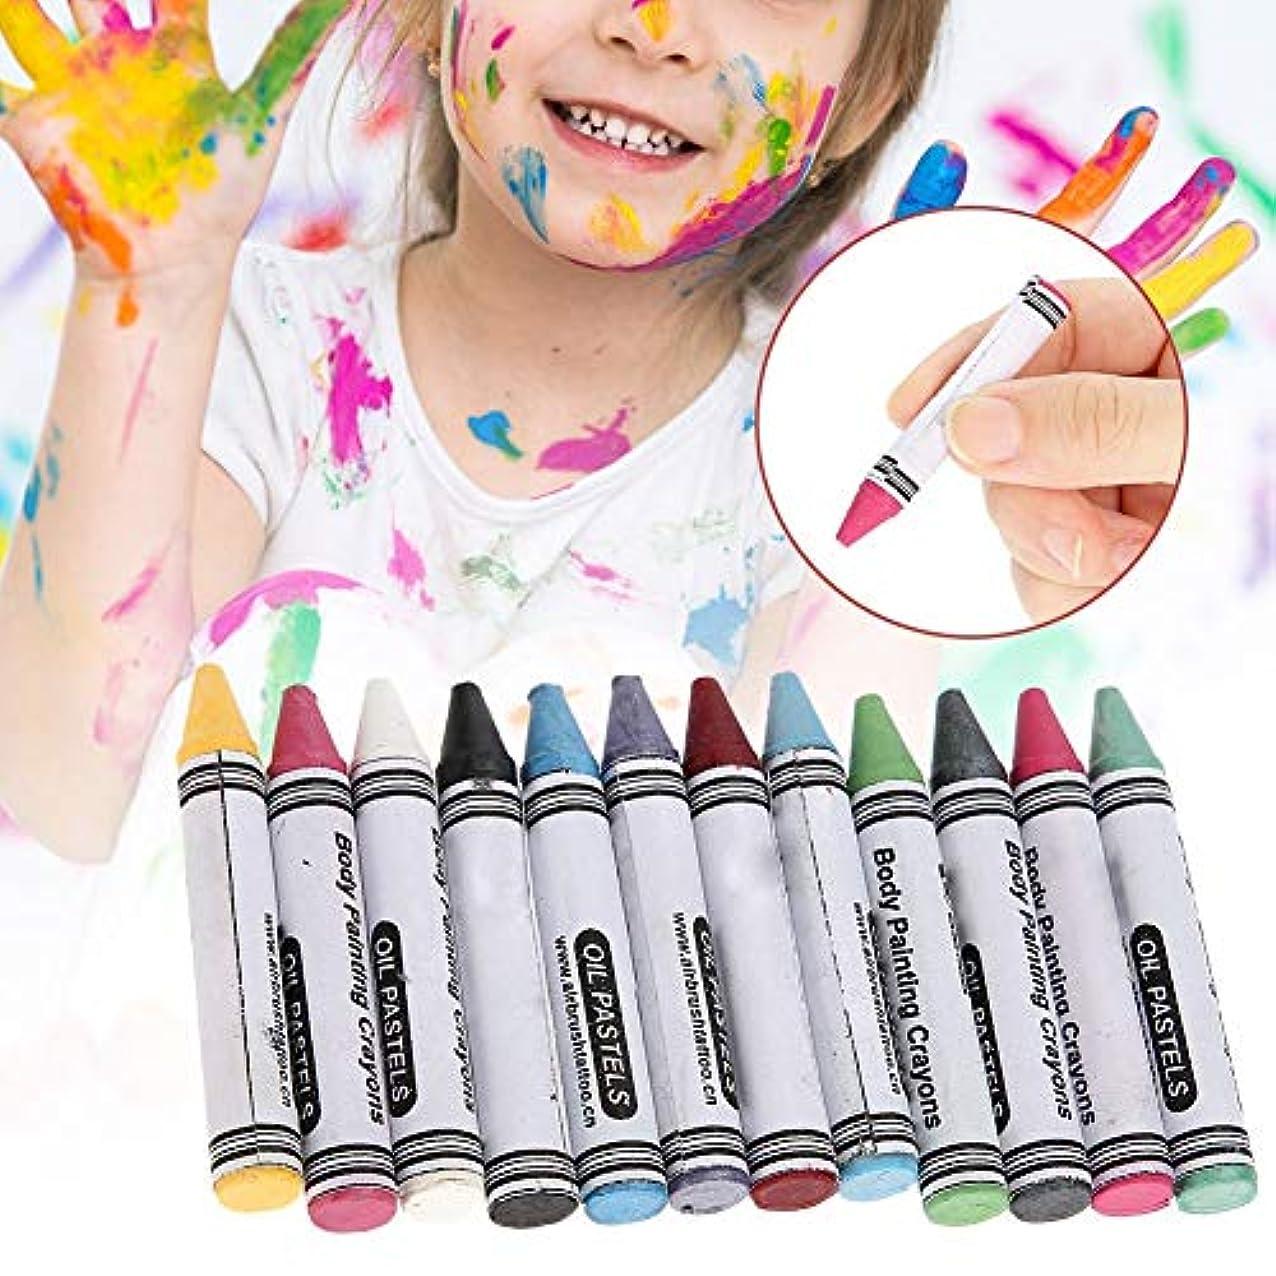 ブリーフケーステレビを見るエッセンス12色 人体の彩絵クレヨン、パーティー祝日 子供用 環境保護 プレゼント